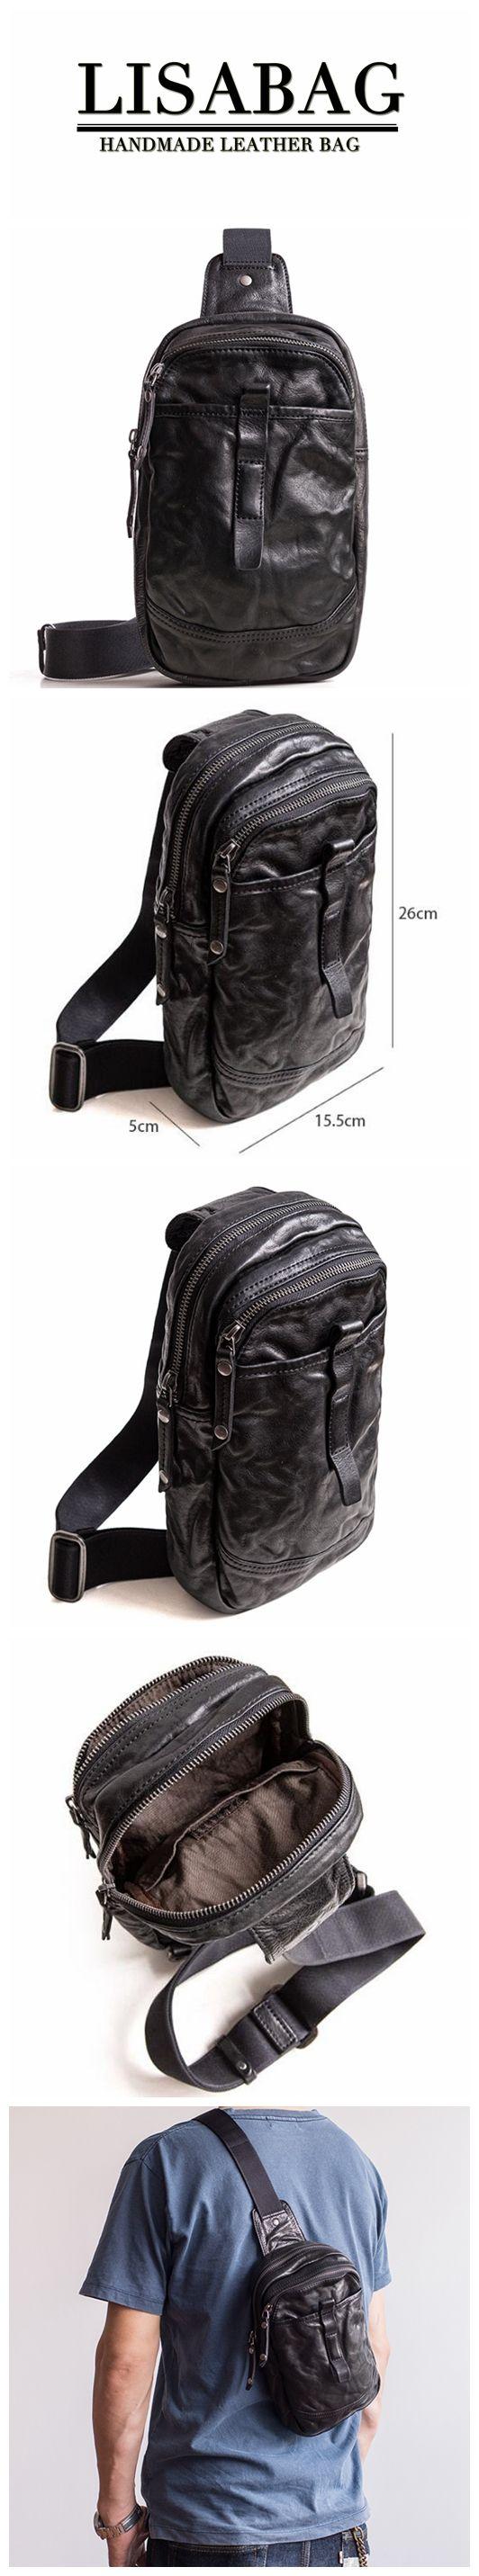 Outdoor Men's Leather Shoulder Bag Sling Chest Bag Crossbody Hiking bag Cool Small Backpack MBL21